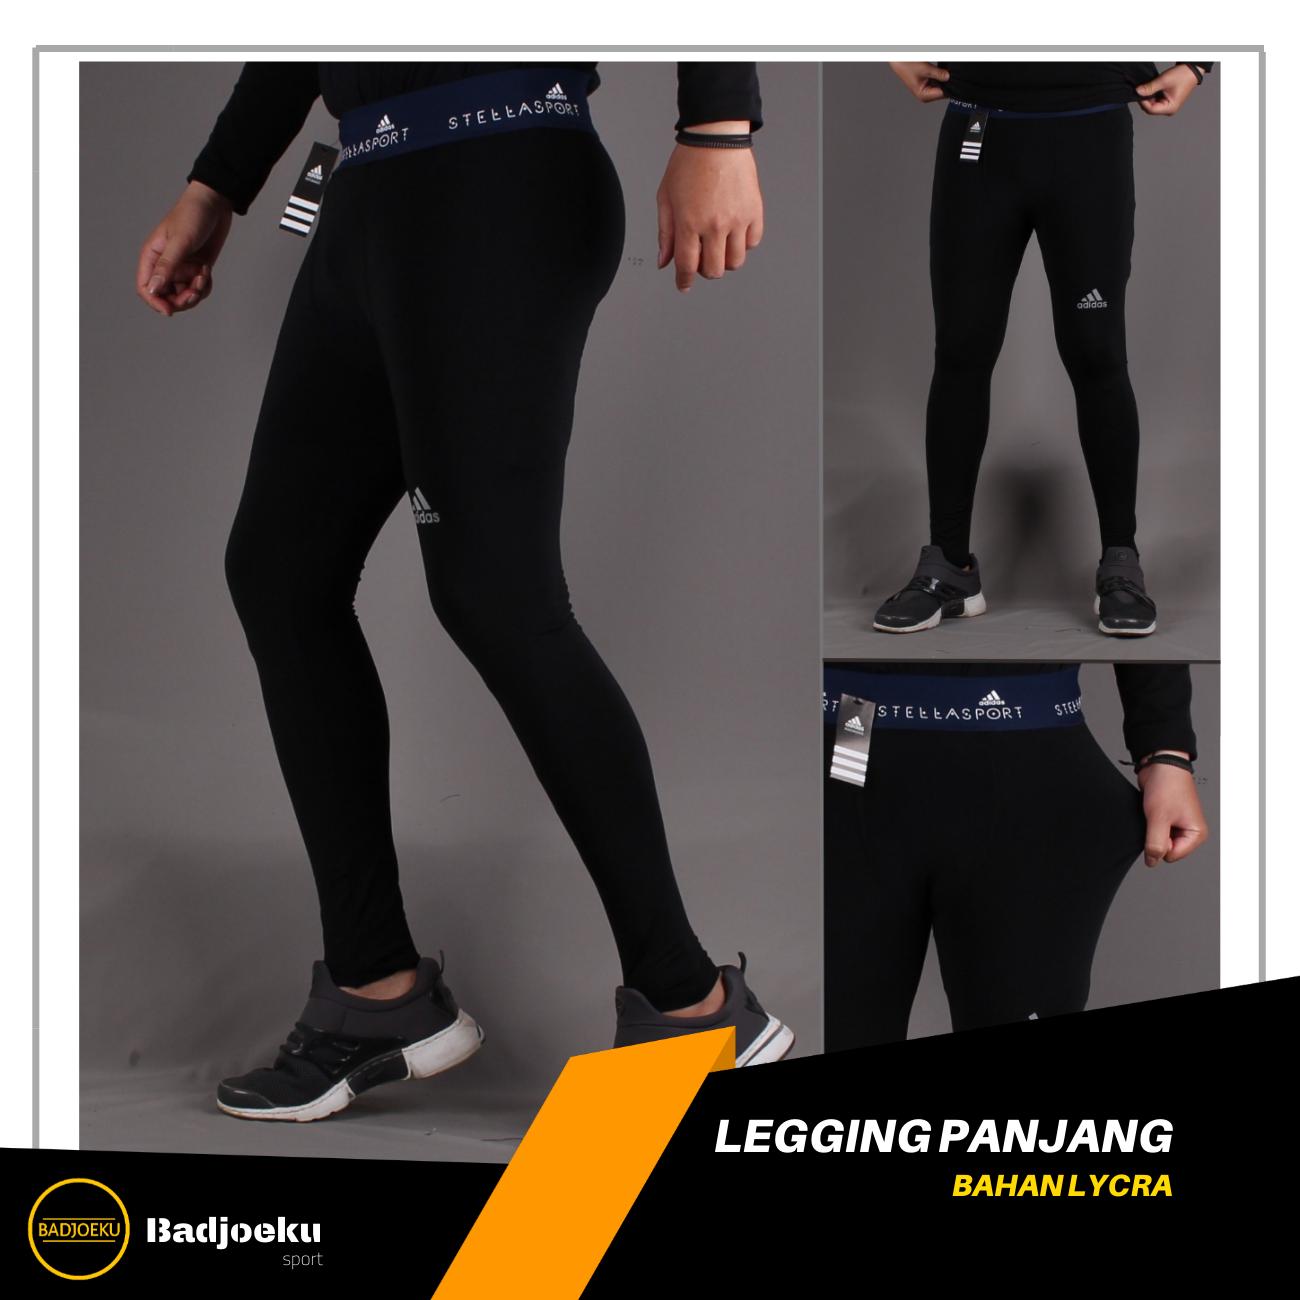 Badjoeku Celana Olahraga Legging Panjang Pria Celana Sport Cowok Cowo Celana Leging Running Gym Fitnes Celana Daleman Pria Celana Lejing Legging Running Lari Lazada Indonesia